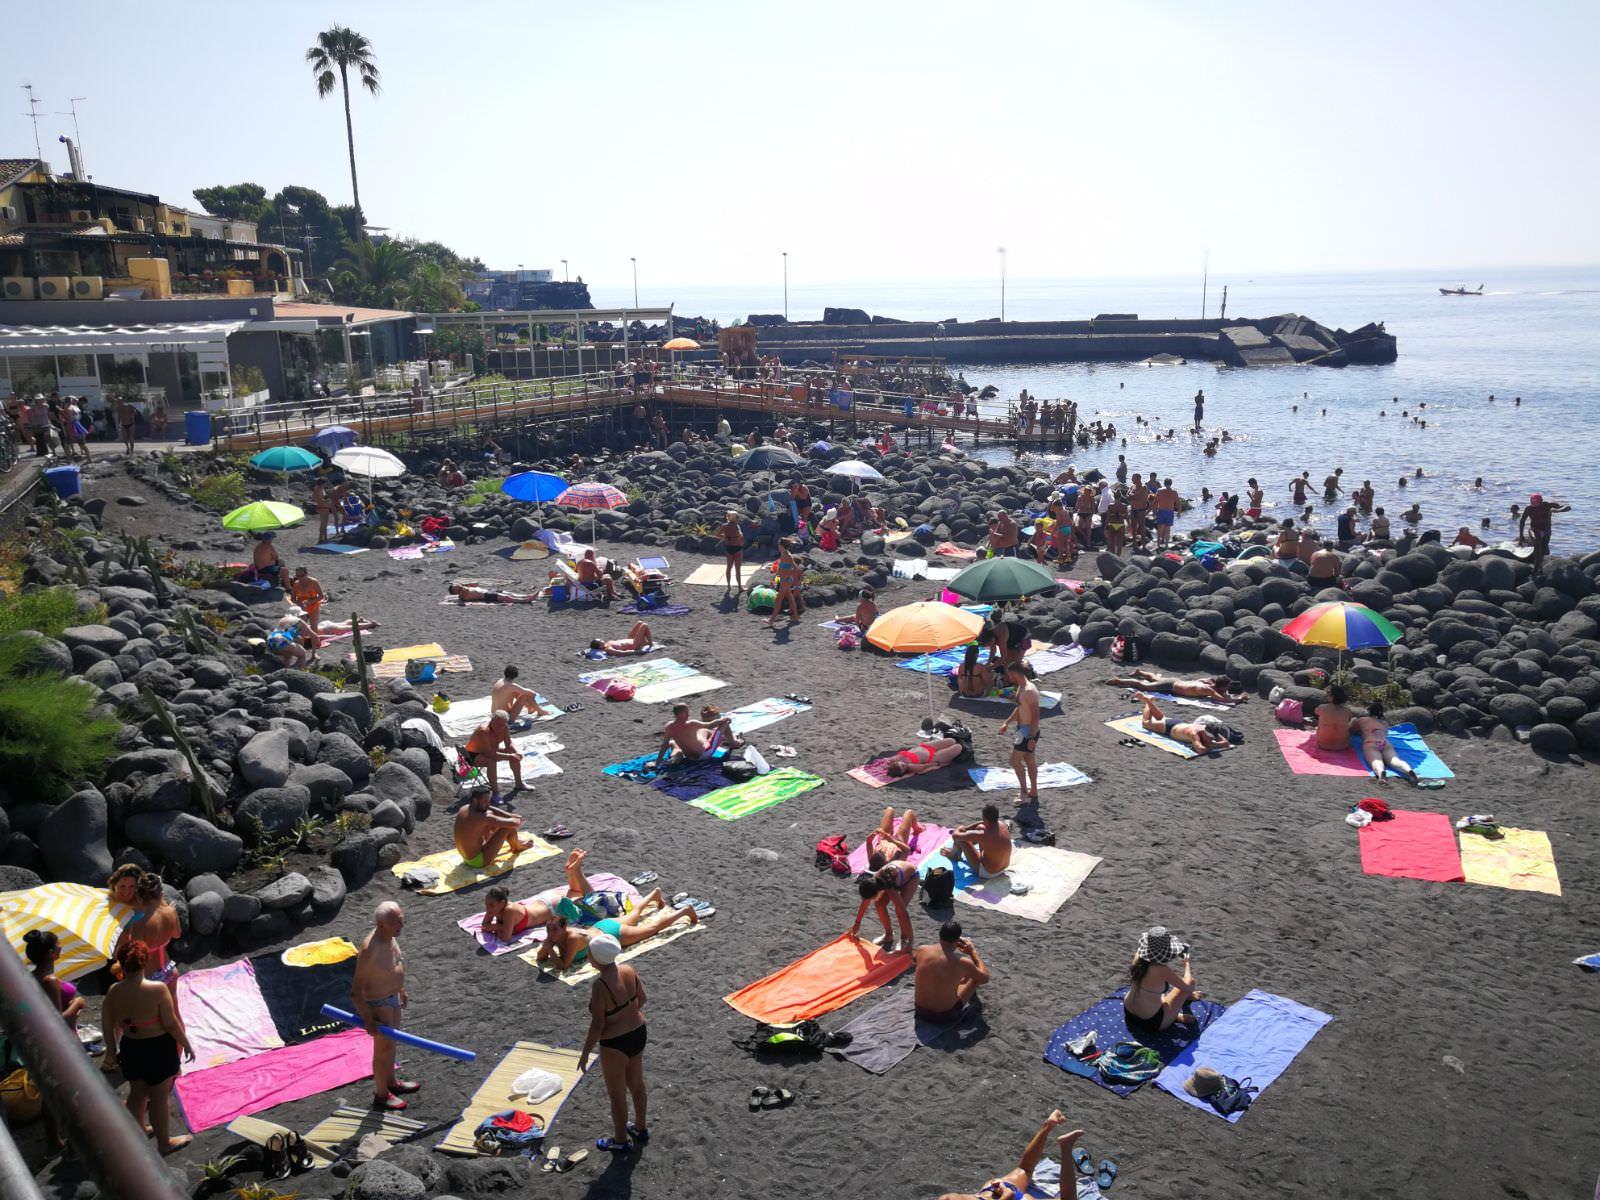 Occupazione, inquinamento e rifiuti: così le spiagge siciliane perdono prestigio